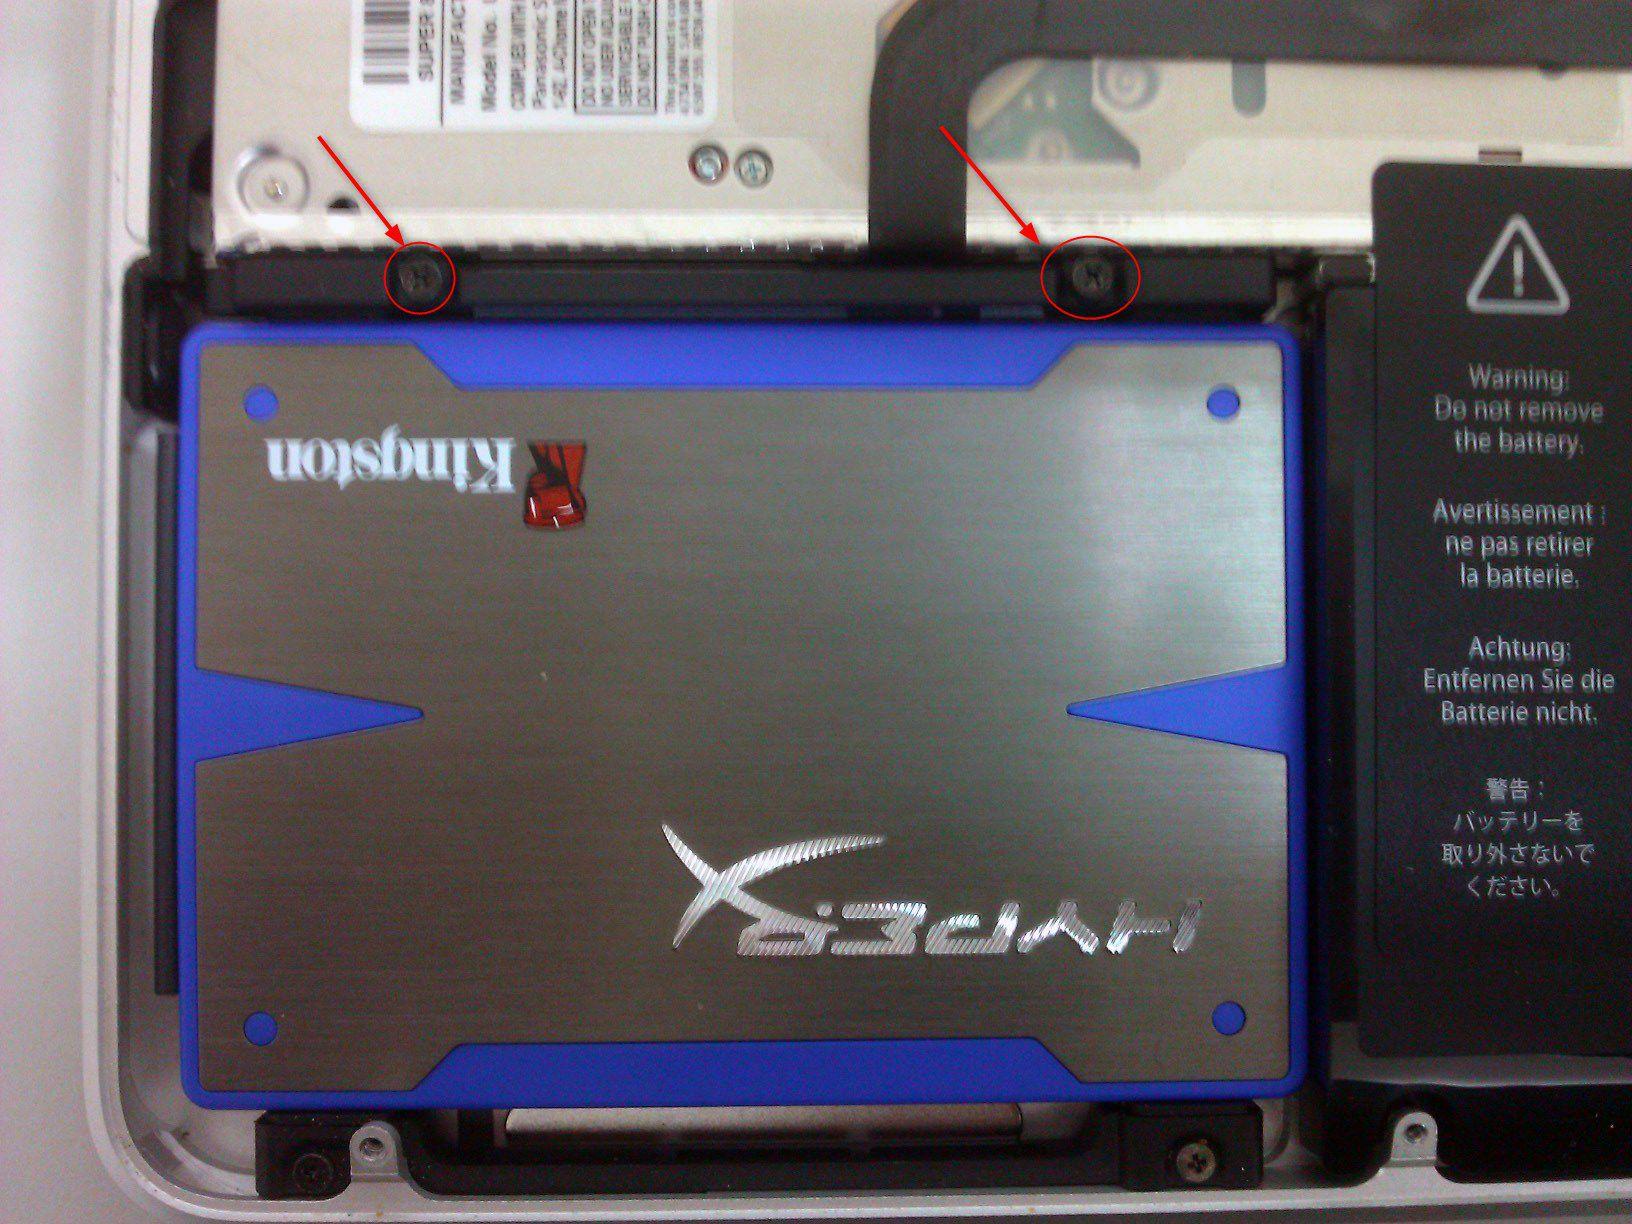 10-So-gehts-MacBook-Pro-mit-SSD-nachruesten-Halterung-einsetzen-470.jpg?nocache=1318607721938